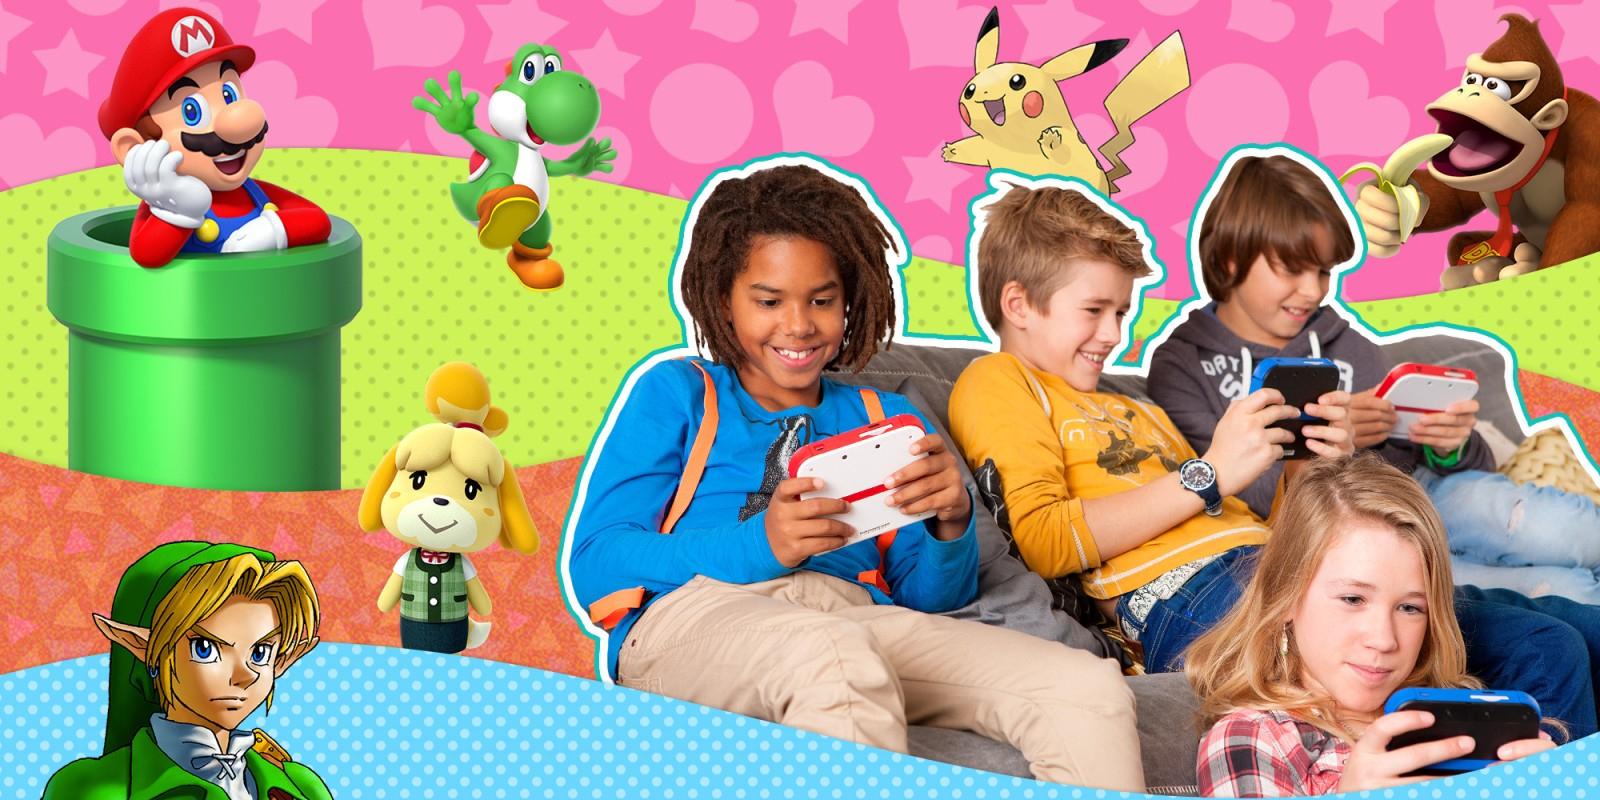 Jeux Nintendo Pour Les Enfants | Nintendo destiné Jeux Pour Fille De 10 Ans Gratuit